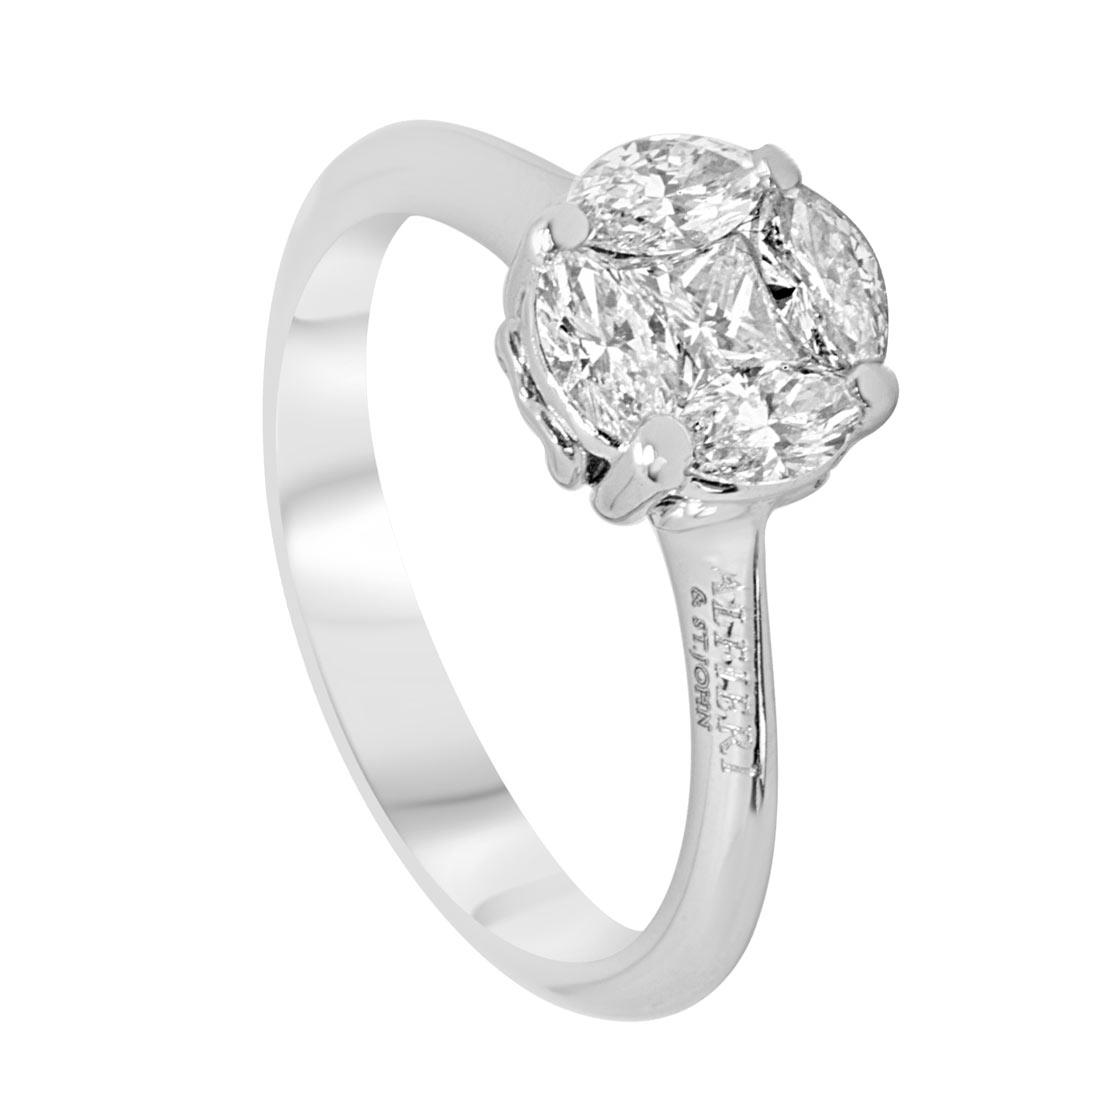 Anello solitario in oro bianco con diamanti 0,81 ct mis 13 - ALFIERI ST JOHN